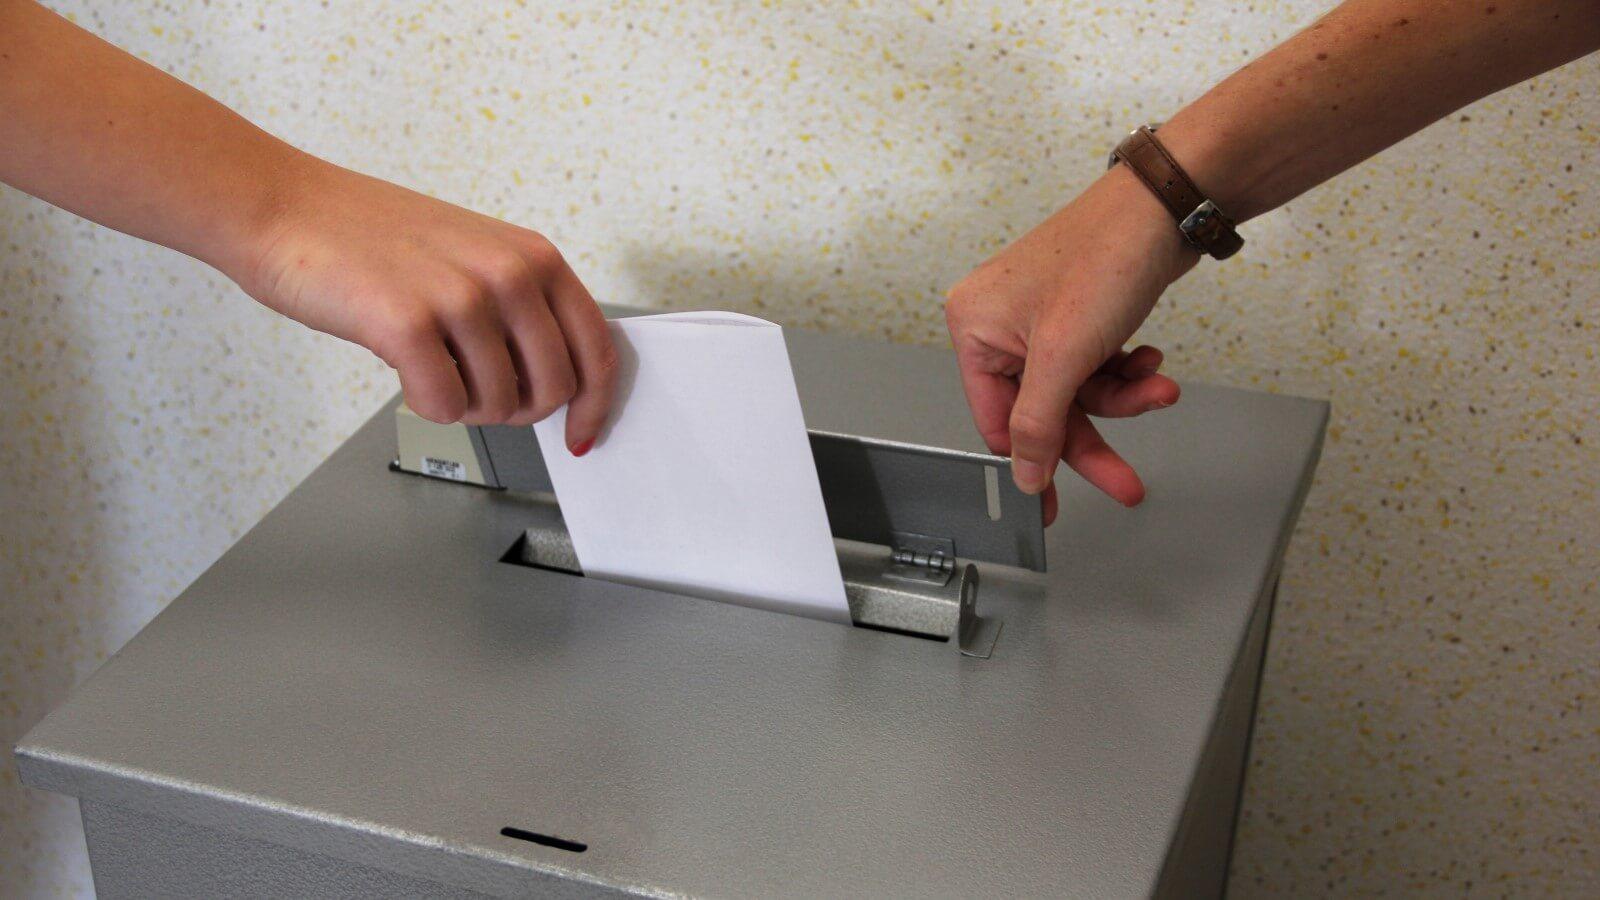 Bild von einem Wahlschein der in die Wahlurne geworfen wird